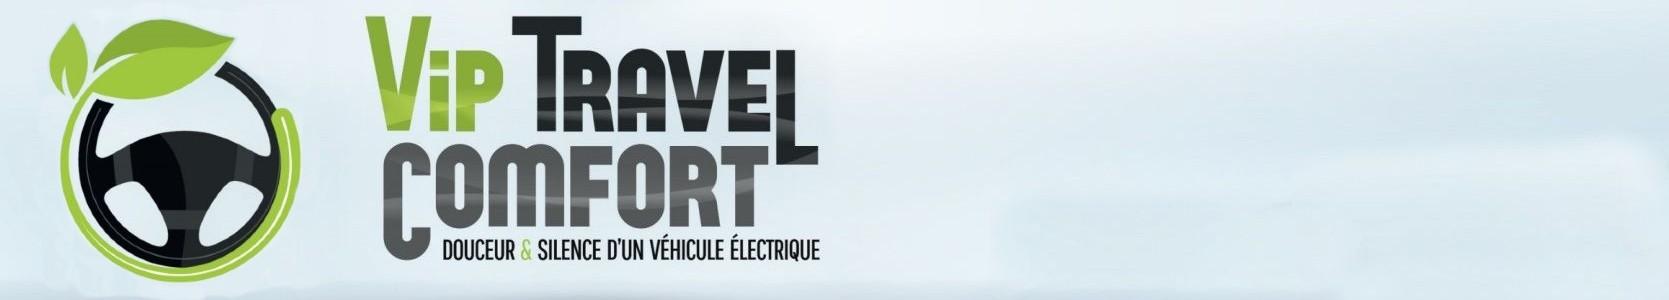 vtc-driver-prive-nantes-44-montaigu-la-roche-on-yon-vendee-85